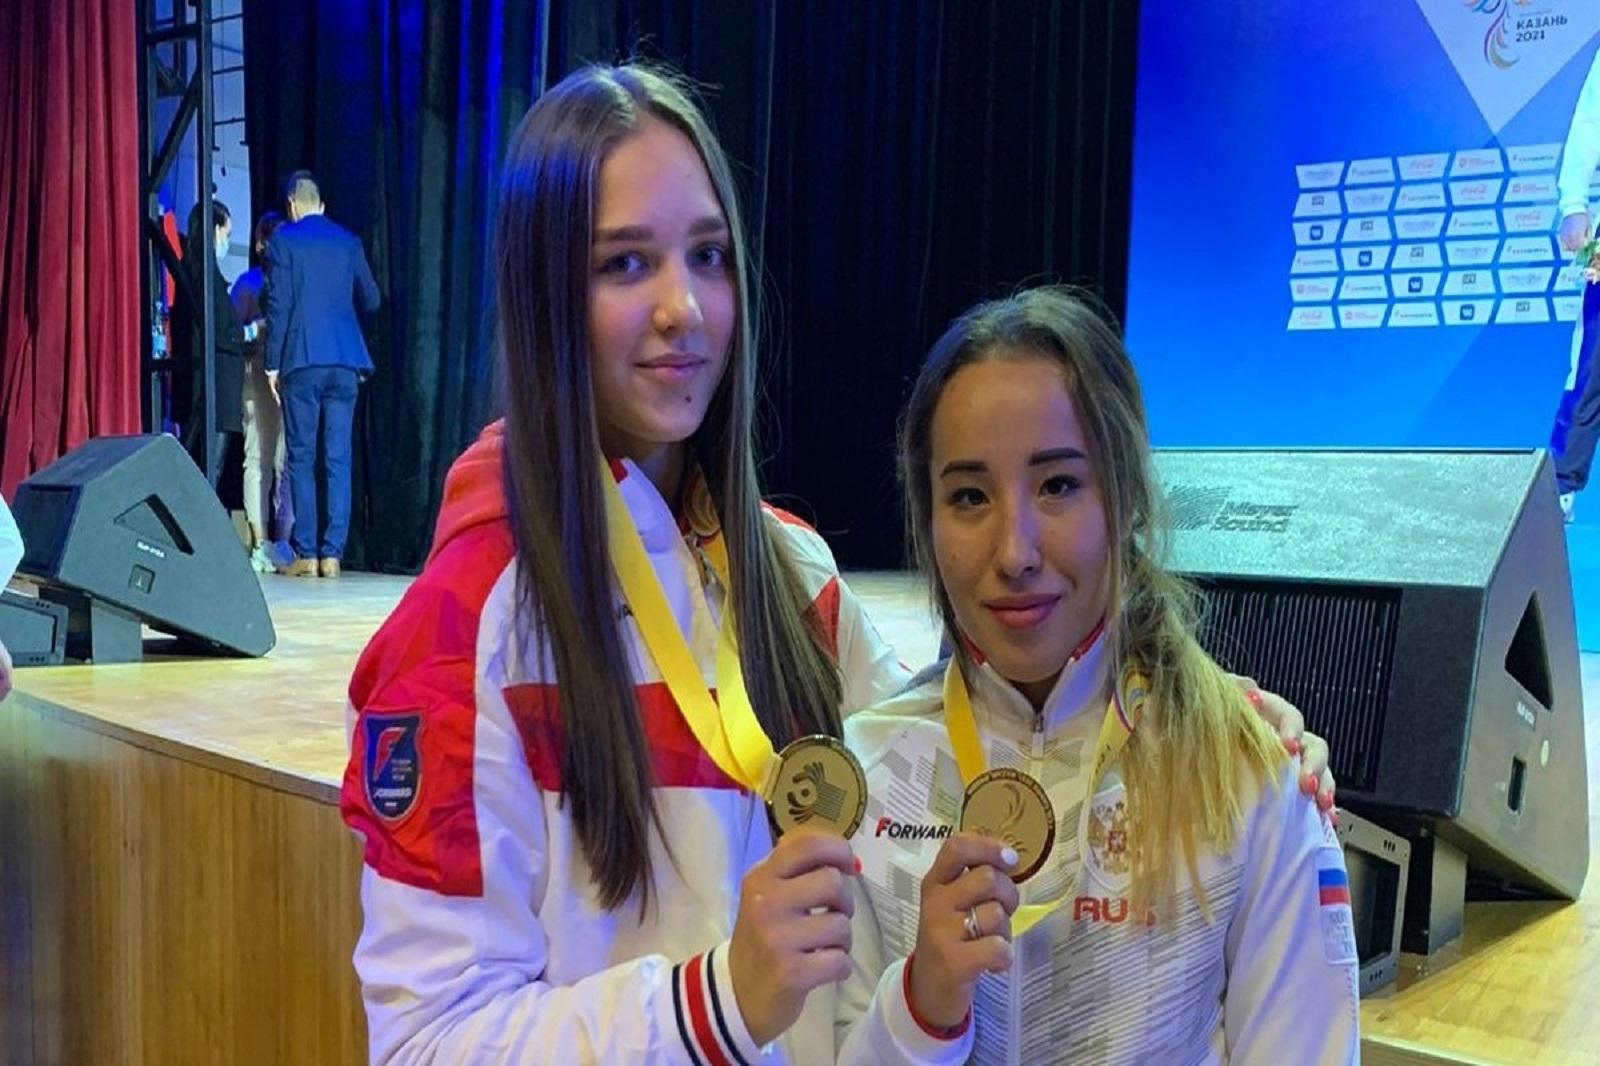 两名女大学生成为独联体运动会摔跤比赛的冠军插图-小狮座俄罗斯留学